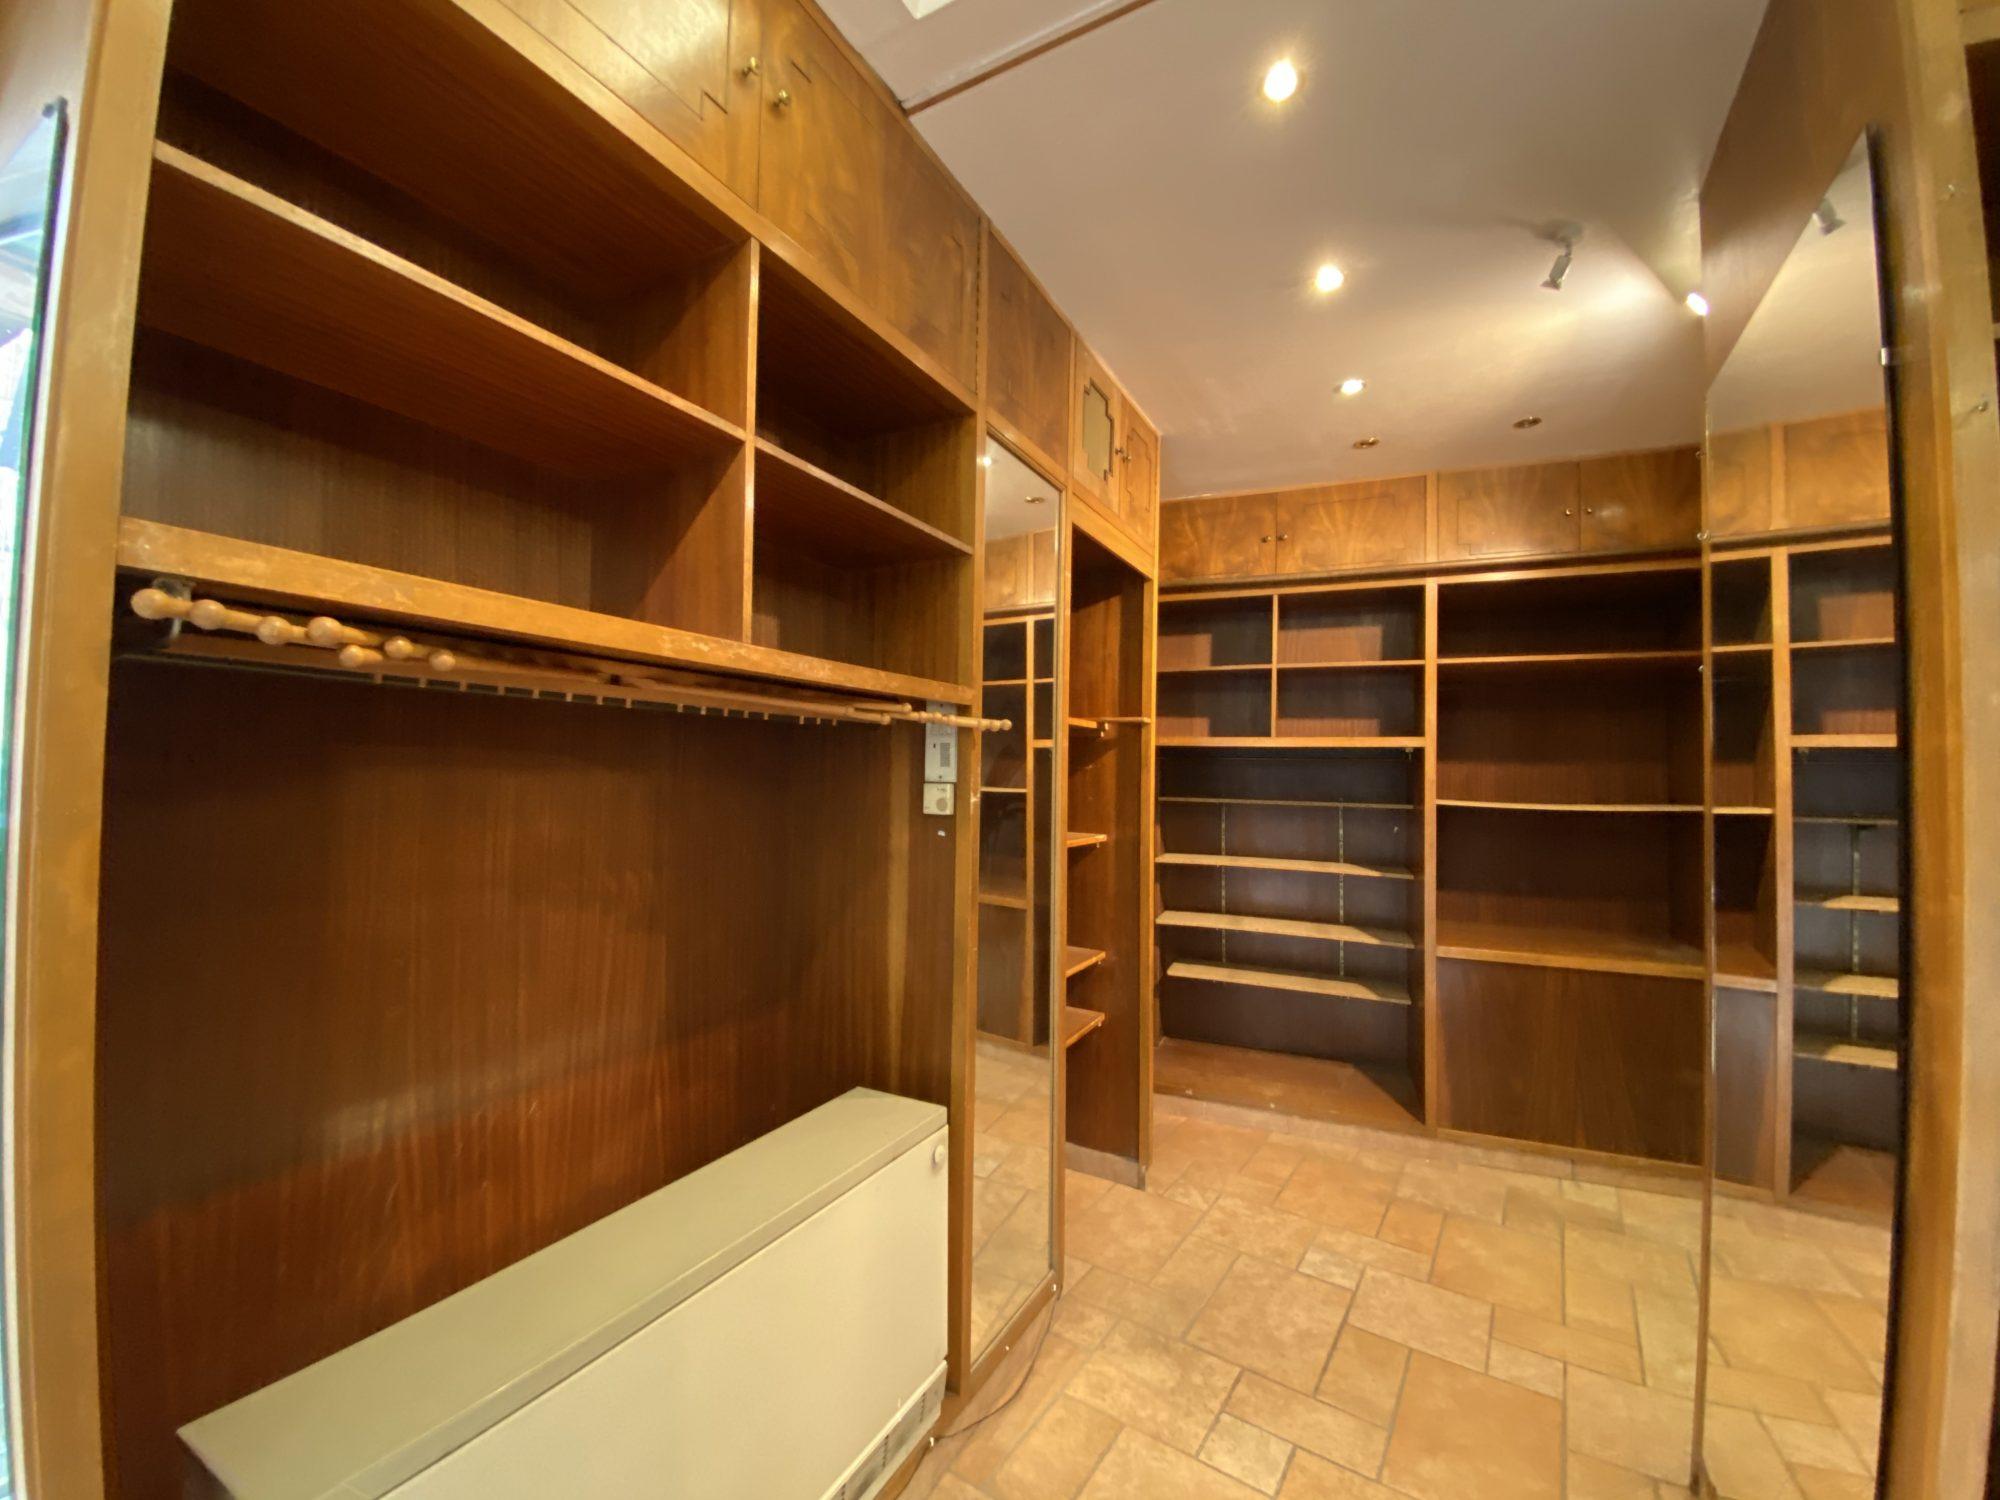 EMPLACEMENT N°1 CATHEDRALE LOCAL COMMERCIAL A LOUER - Devenez locataire en toute sérénité - Bintz Immobilier - 9